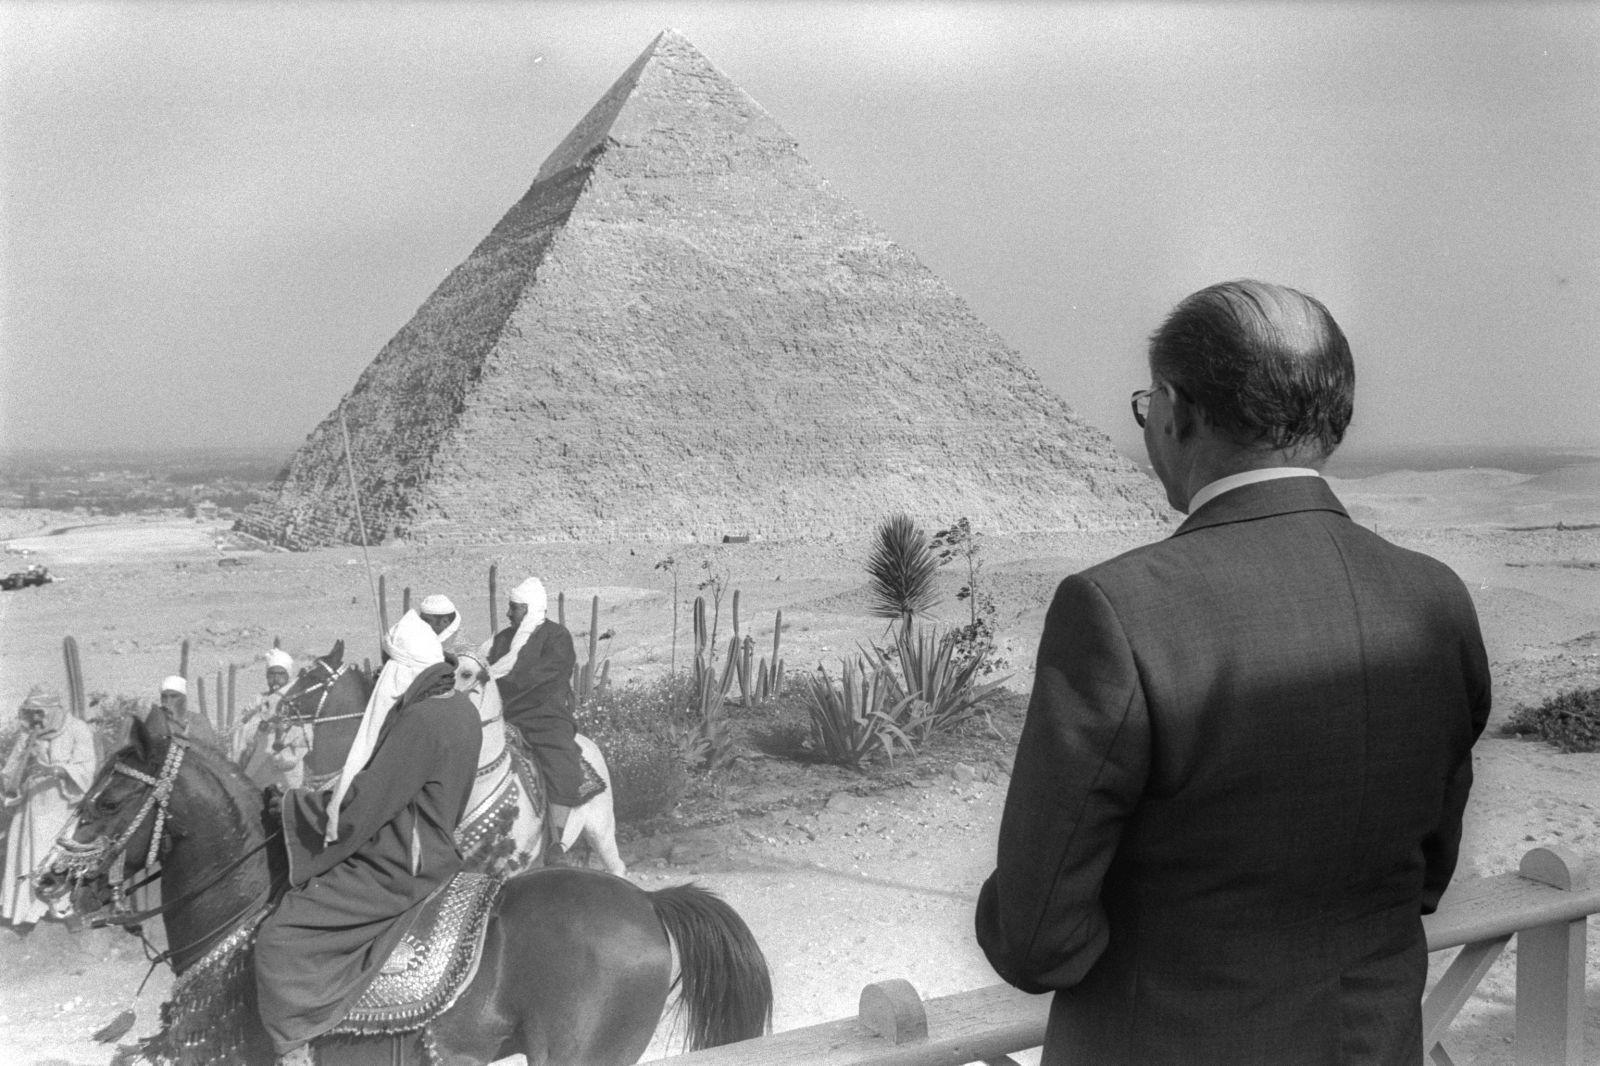 """בגין משקיף על פירמידה, גיזה, 2.4.79 (צילום: משה מילנר, לע""""מ)"""